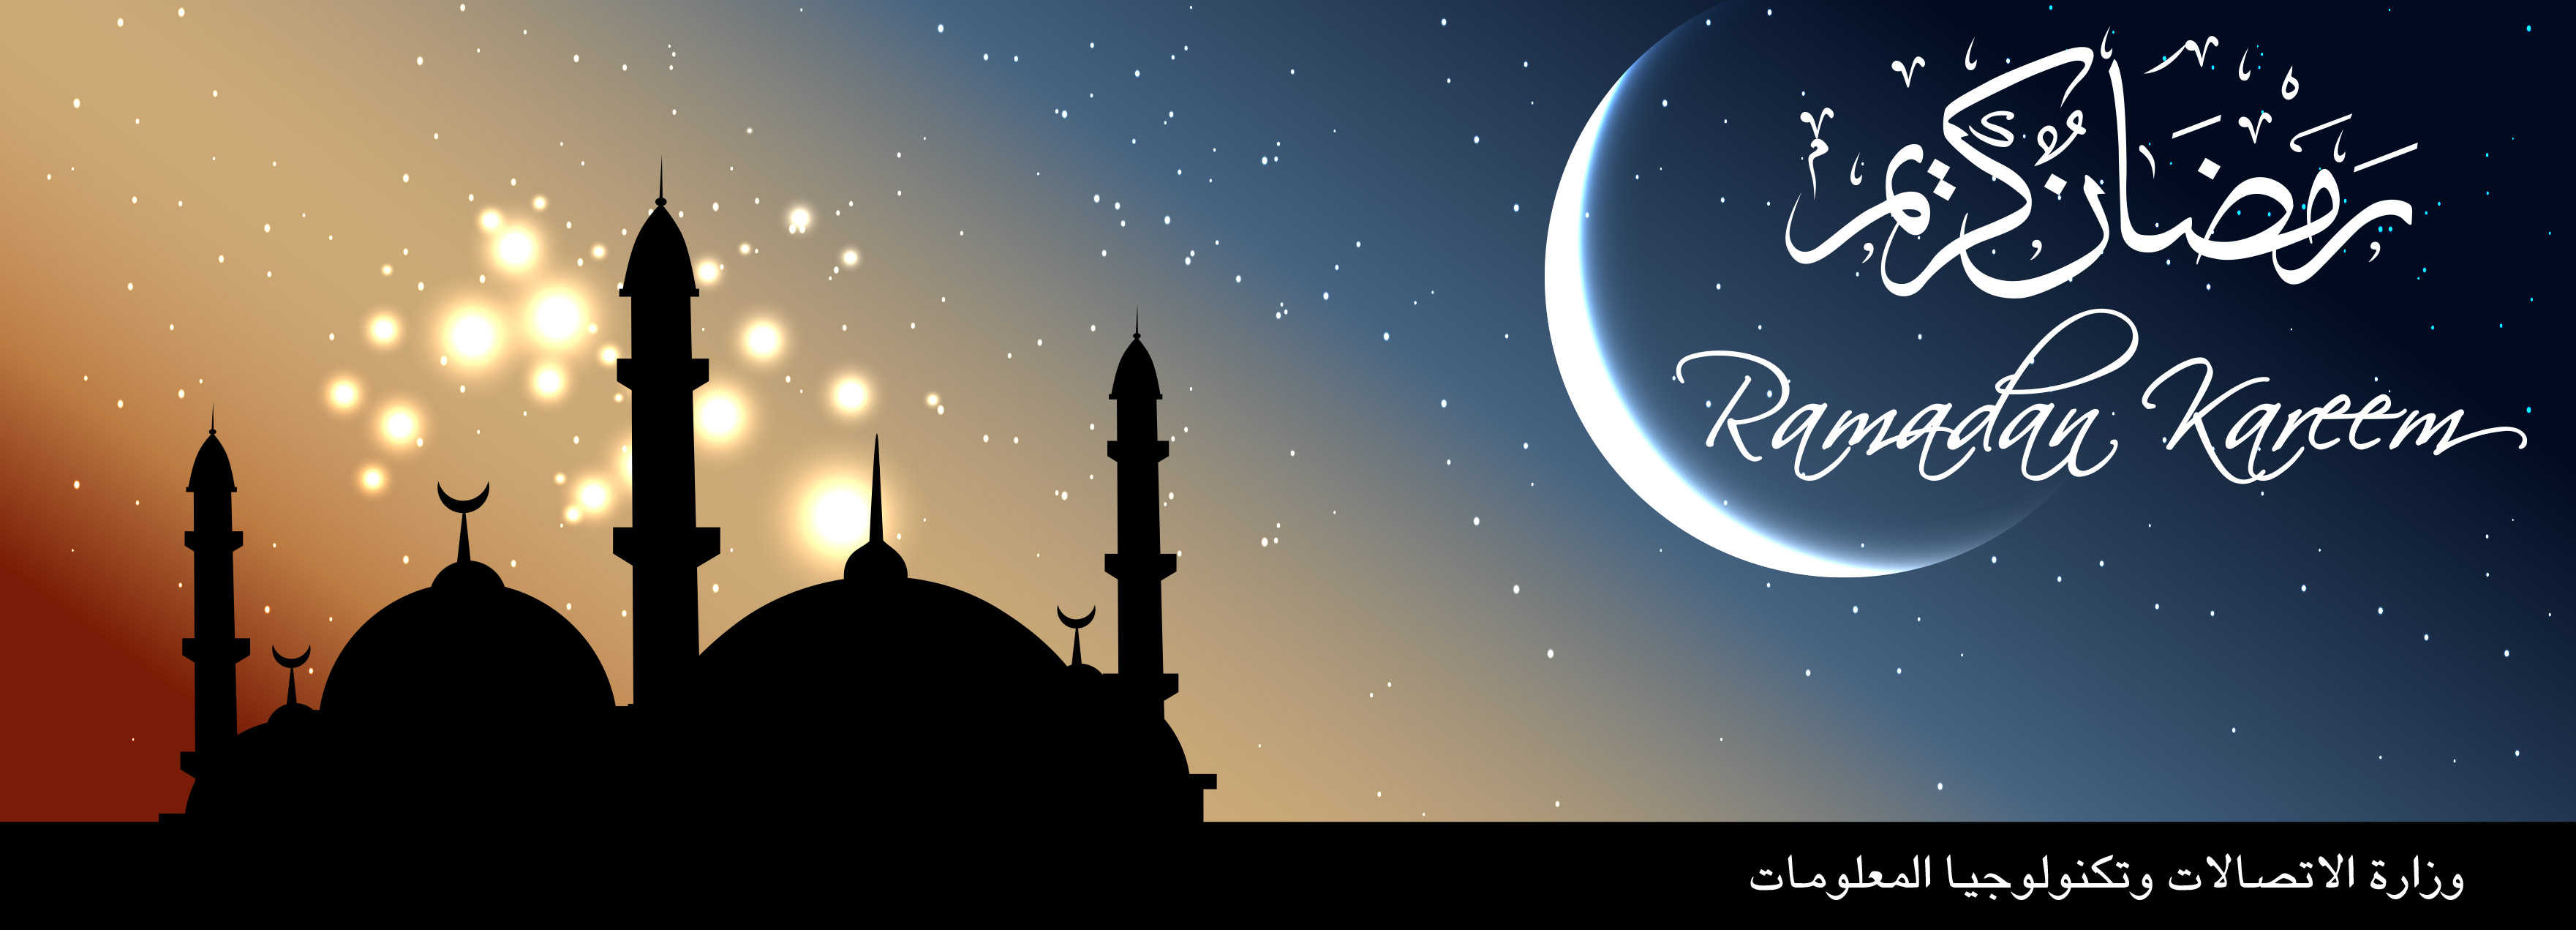 Ramadan-Kareem-e-Greeting-2013-07-06-Final